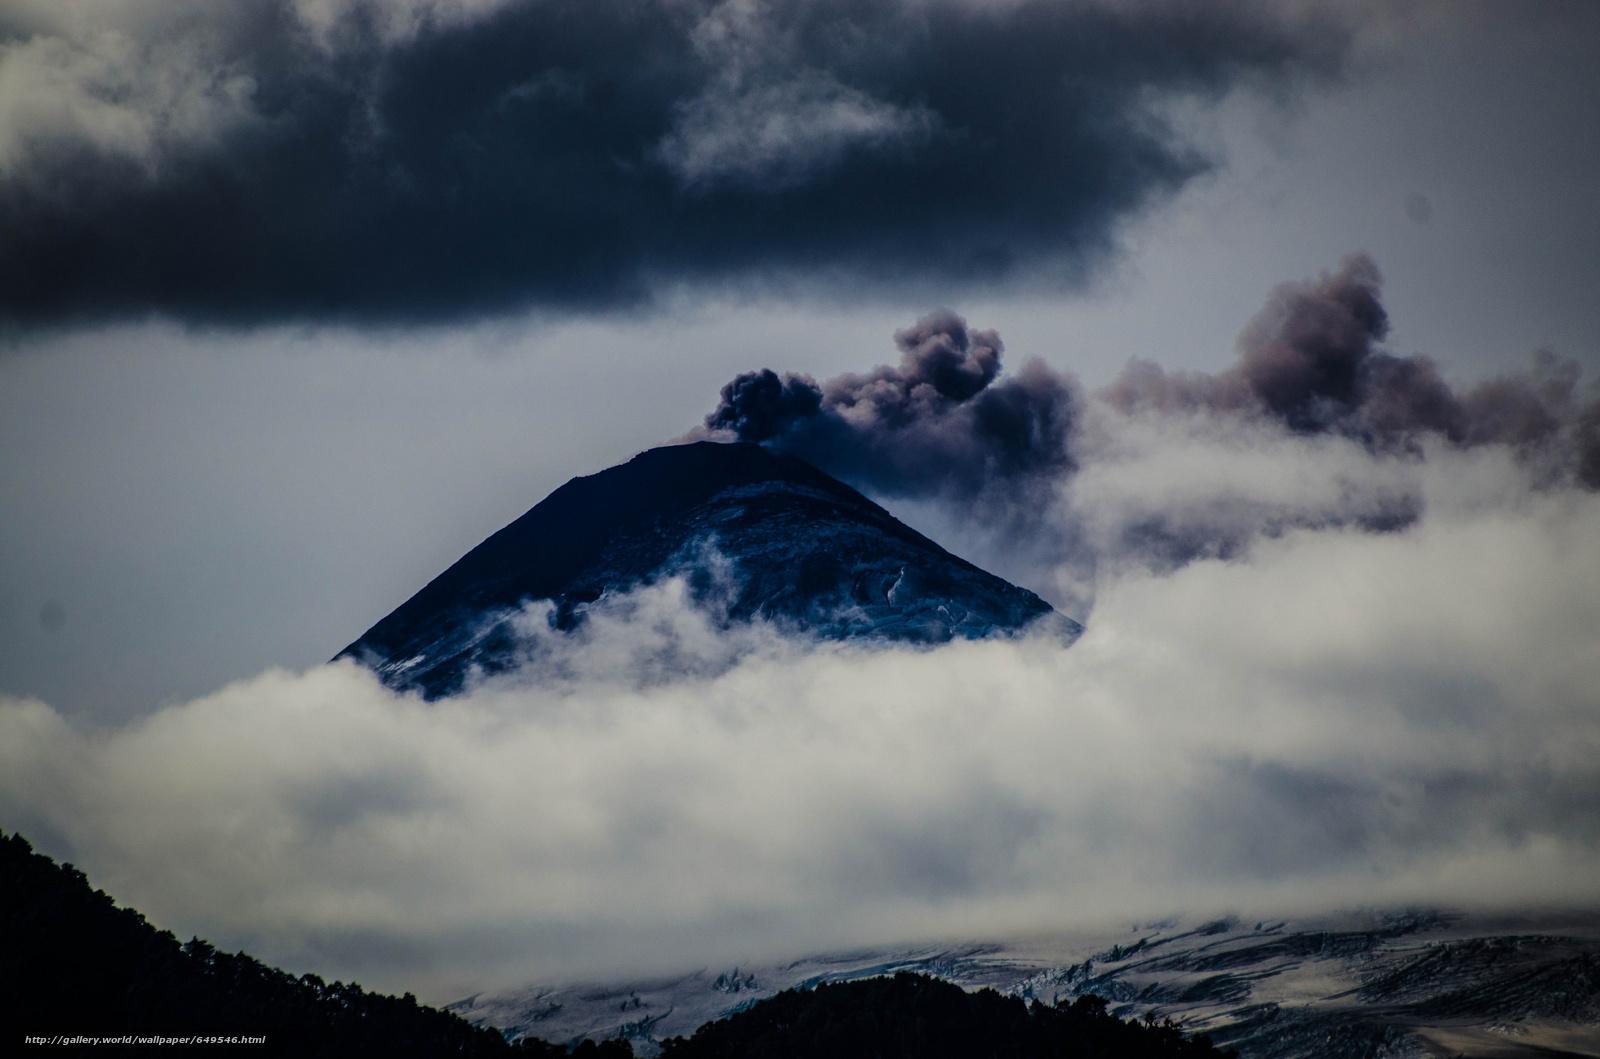 Tlcharger Fond d'ecran Montagnes,  brouillard,  nuages,  mélancoliquement Fonds d'ecran gratuits pour votre rsolution du bureau 2048x1356 — image №649546